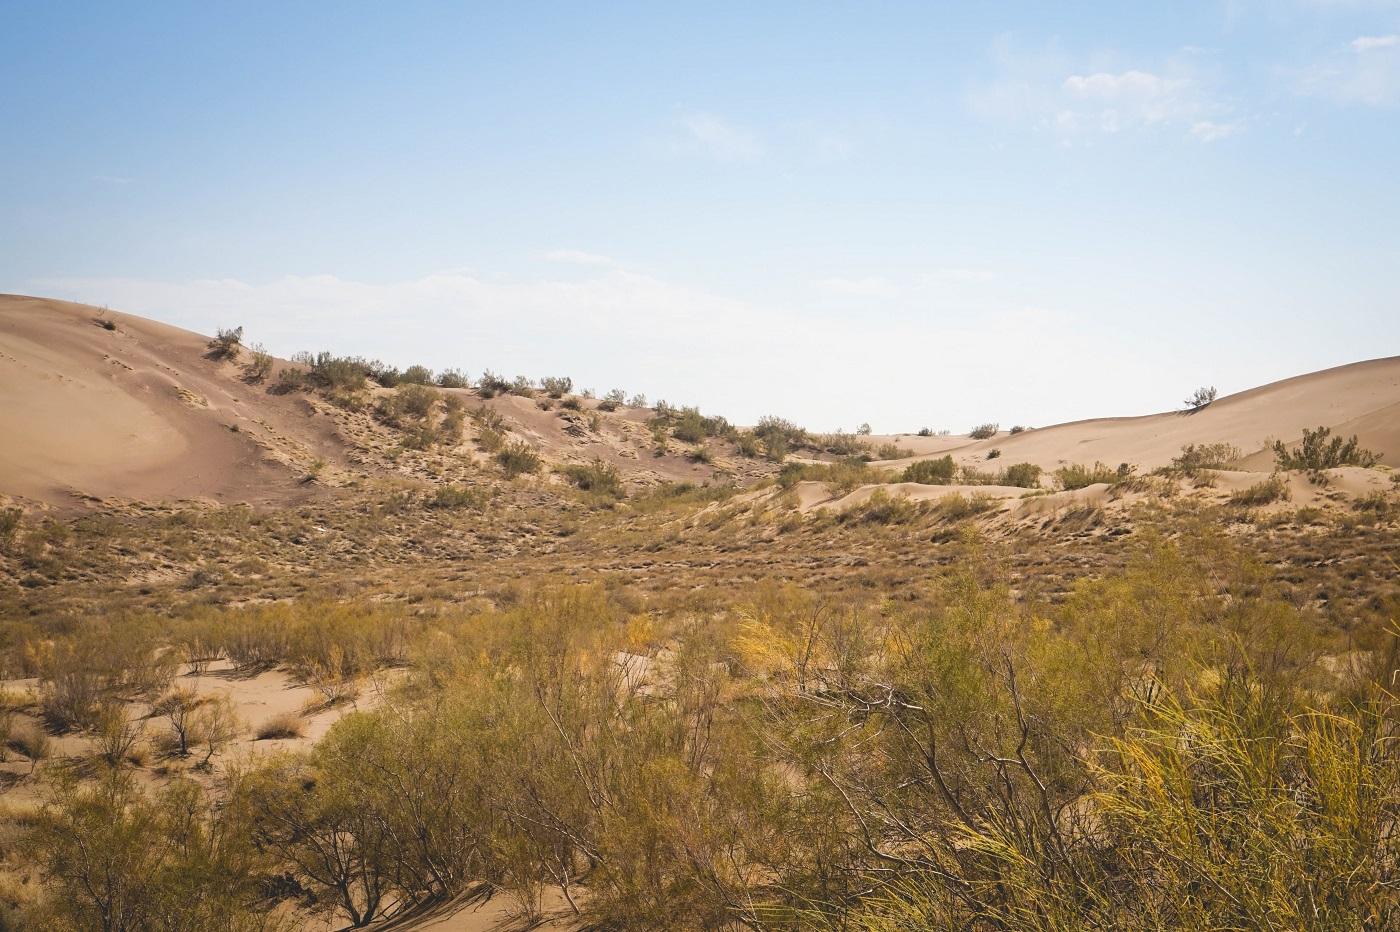 kazakhstan - desert trip - singing dunes